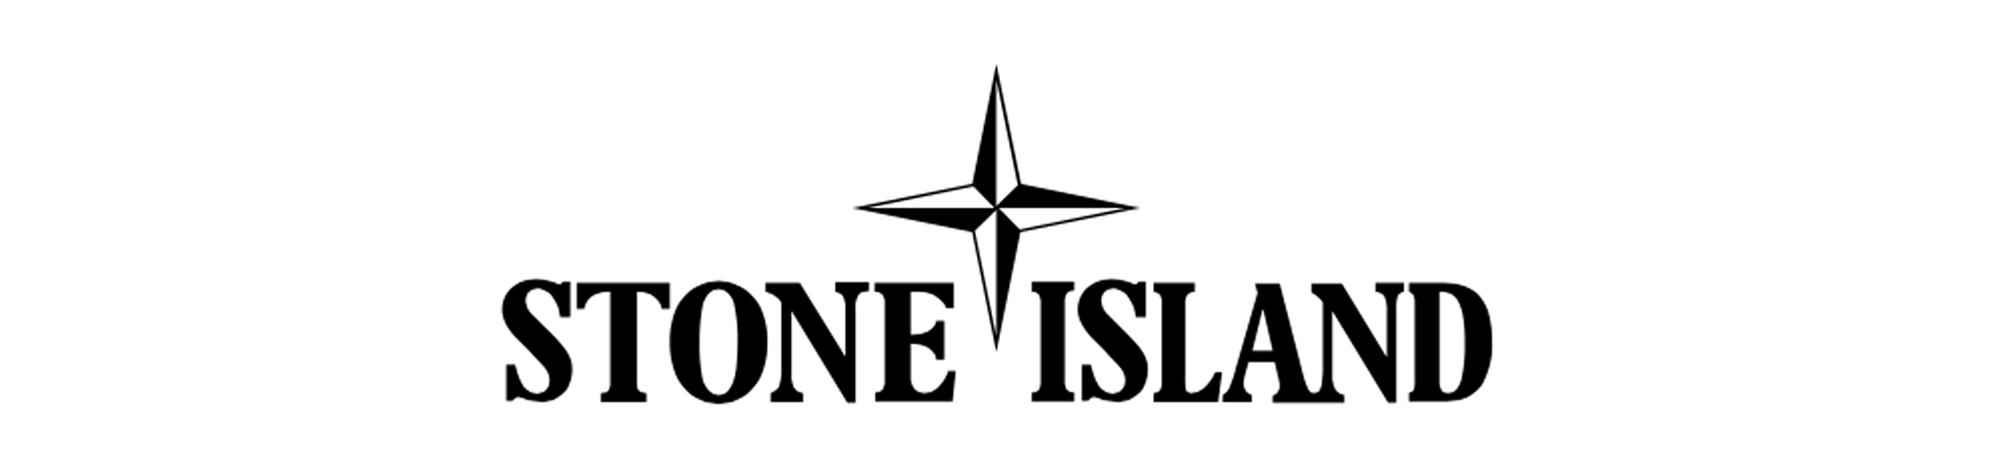 e18a9878dc4f Det er muligt at bestille det utrolig lækre Stone Island gennem vores  fysiske butik i Aalborg midtby og få det tilsendt. Alt du skal gøre er at  sende en SMS ...